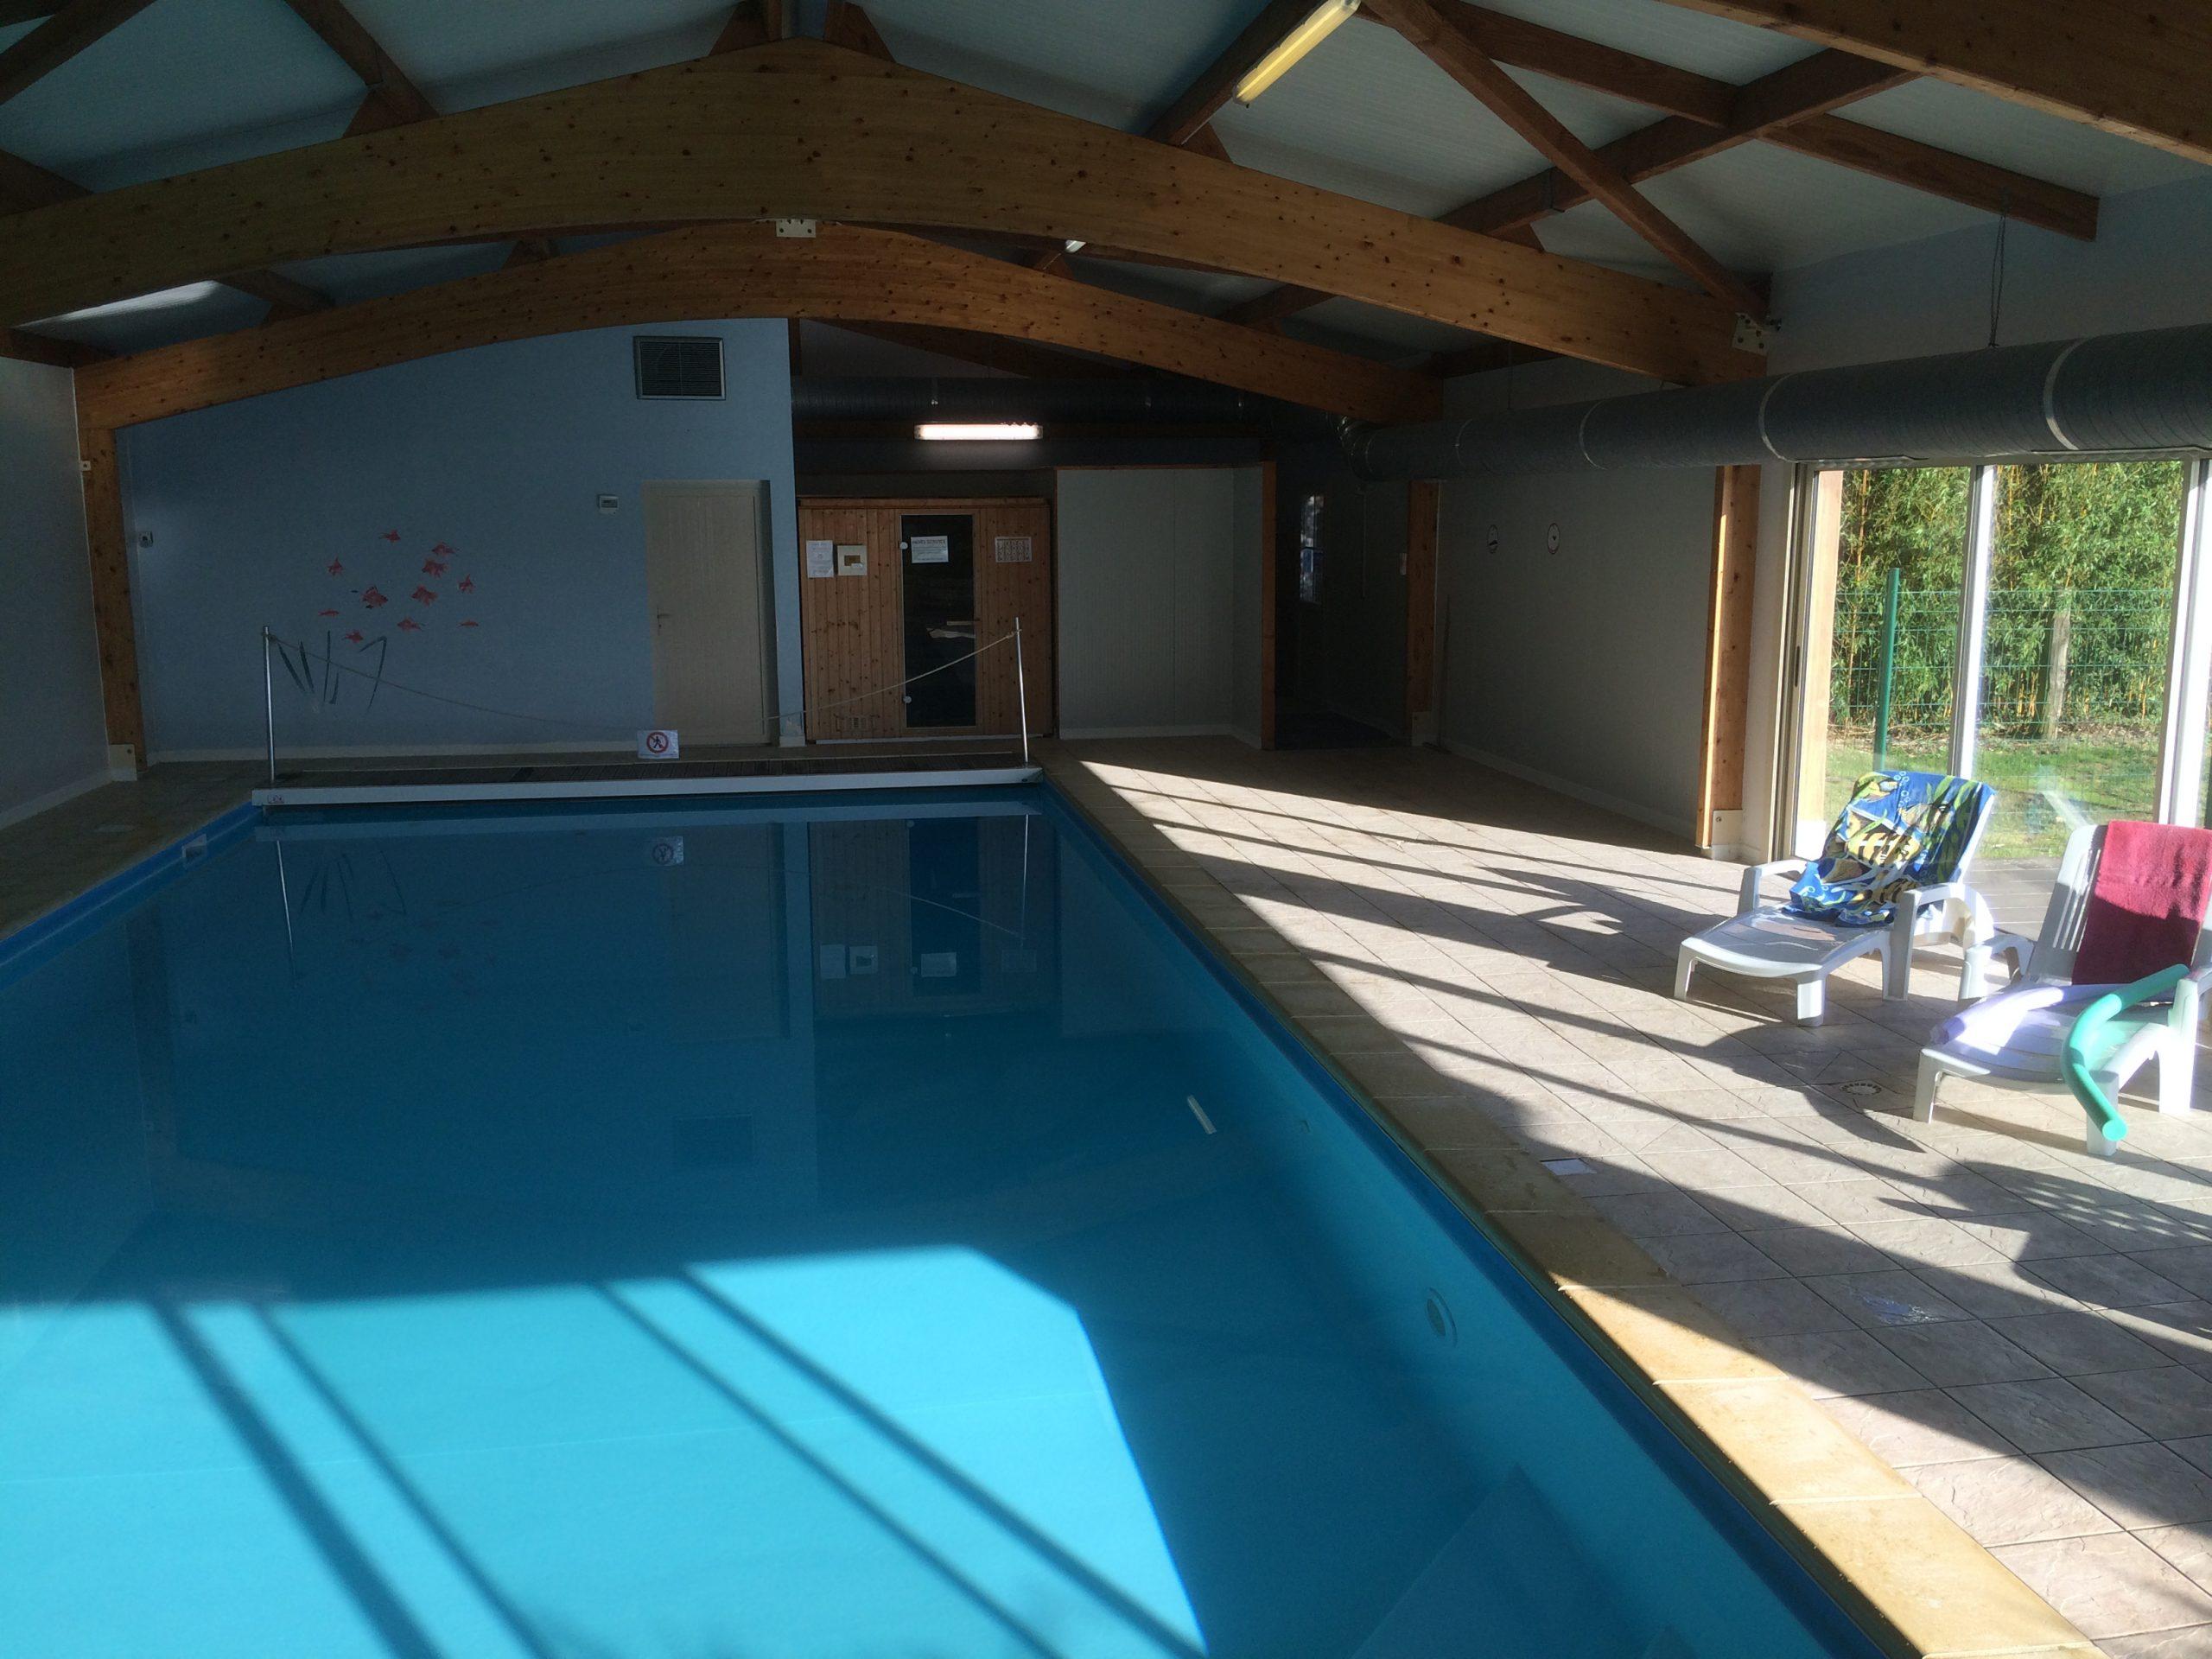 Gites Du Parc D'albosc - Gites En Normandie Grande Capacité ... à Location Avec Piscine Couverte